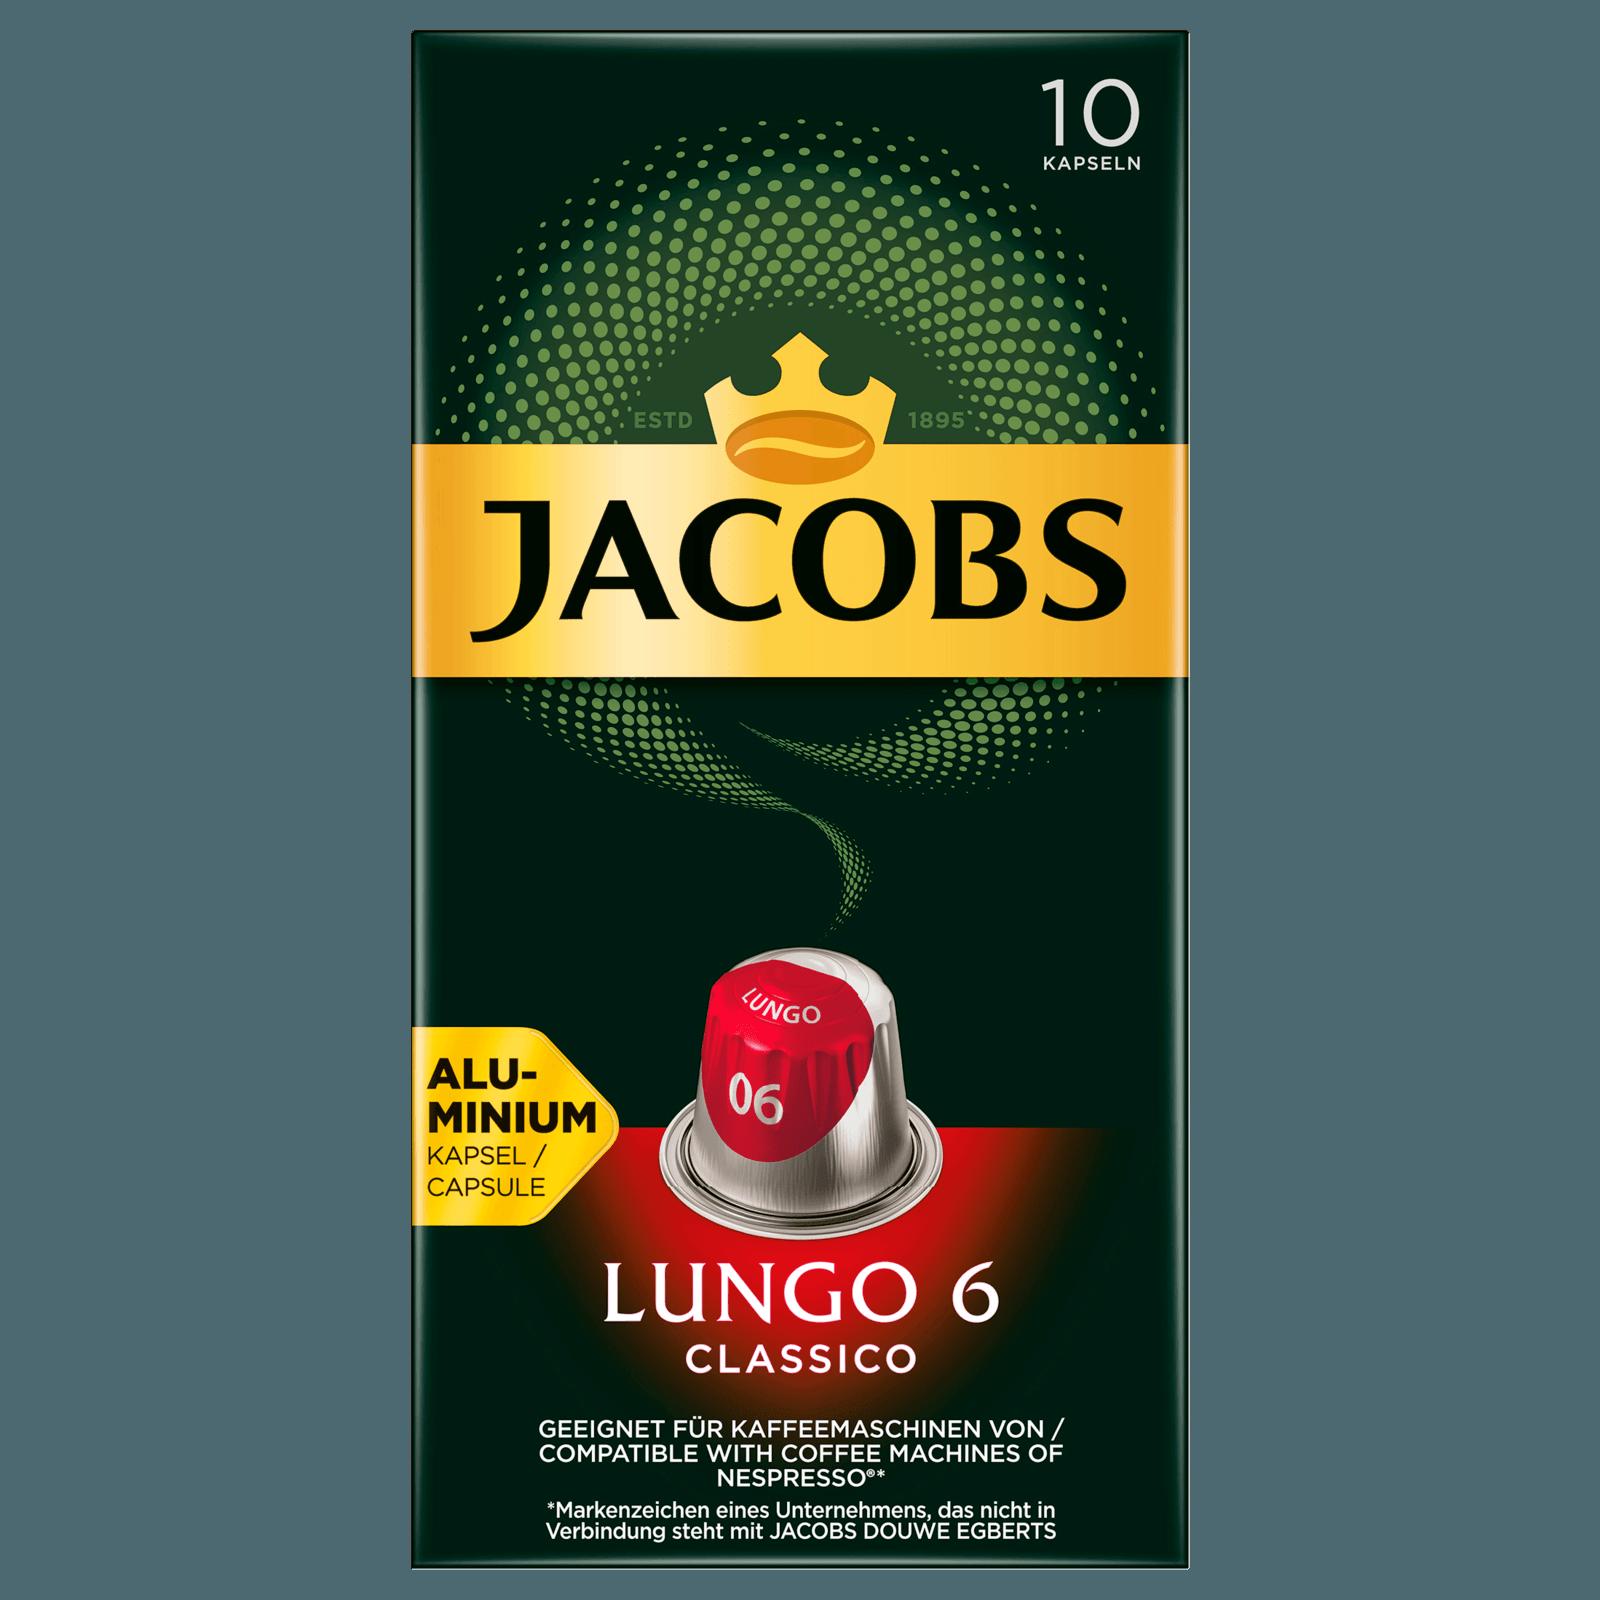 Jacobs Lungo 6 Classico 52g, 10 Kapseln